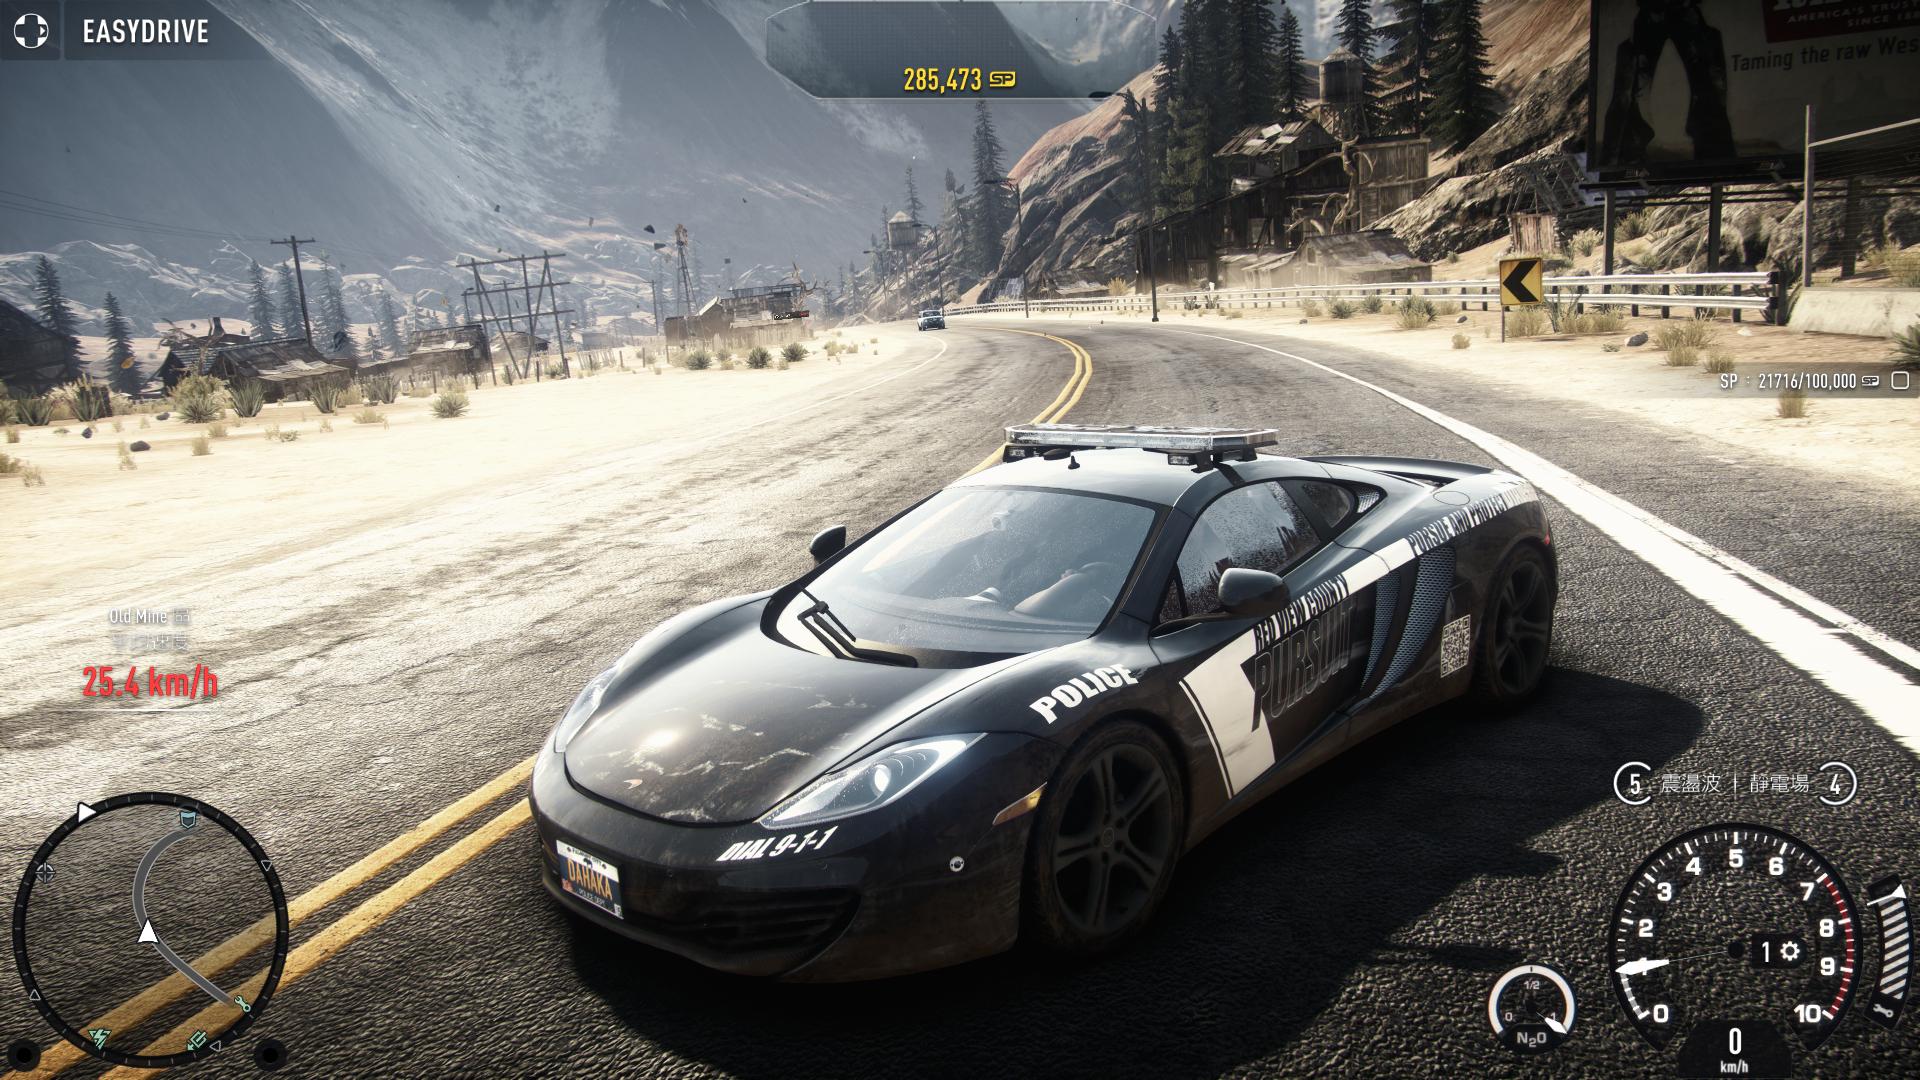 《极品飞车18》4K效果截图